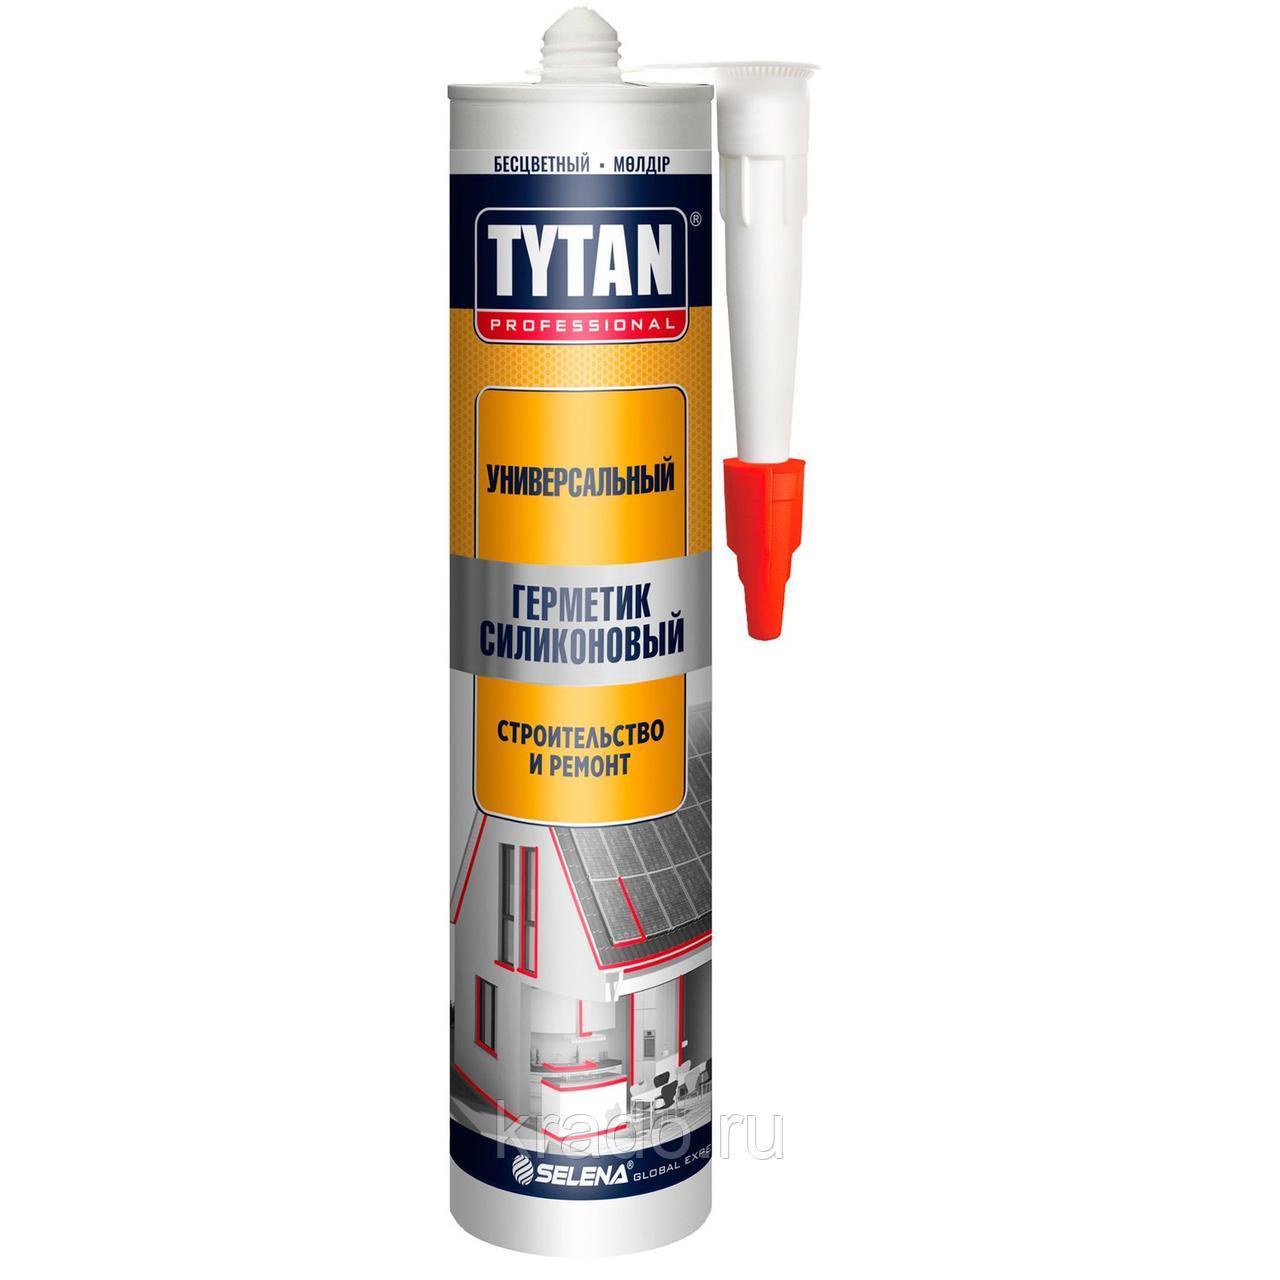 Герметик TYTAN Professional силиконовый Строительный коричневый 310мл*